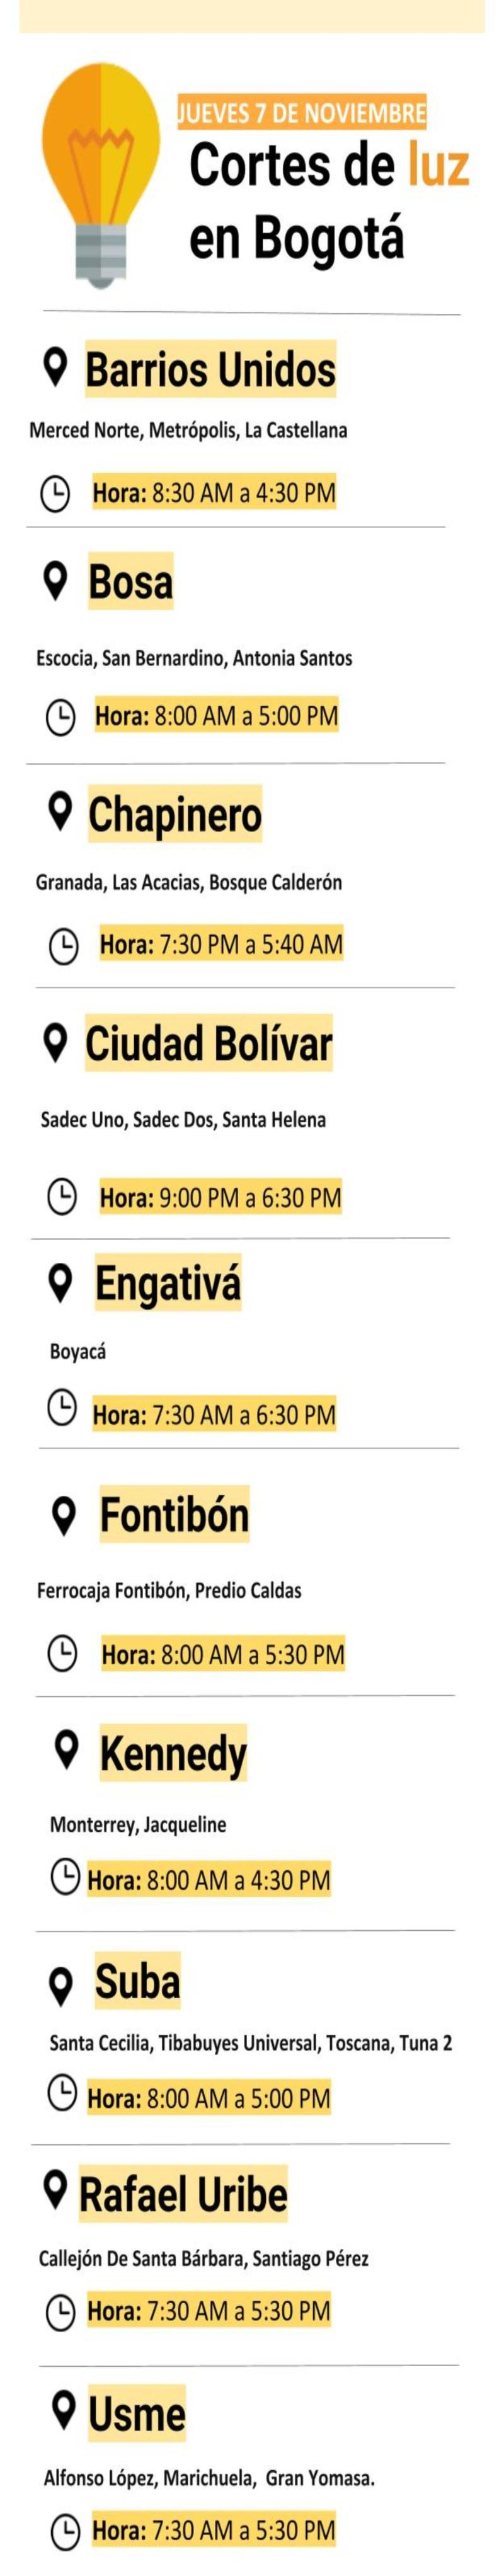 Los barrios de Bogotá que estarán sin luz este jueves